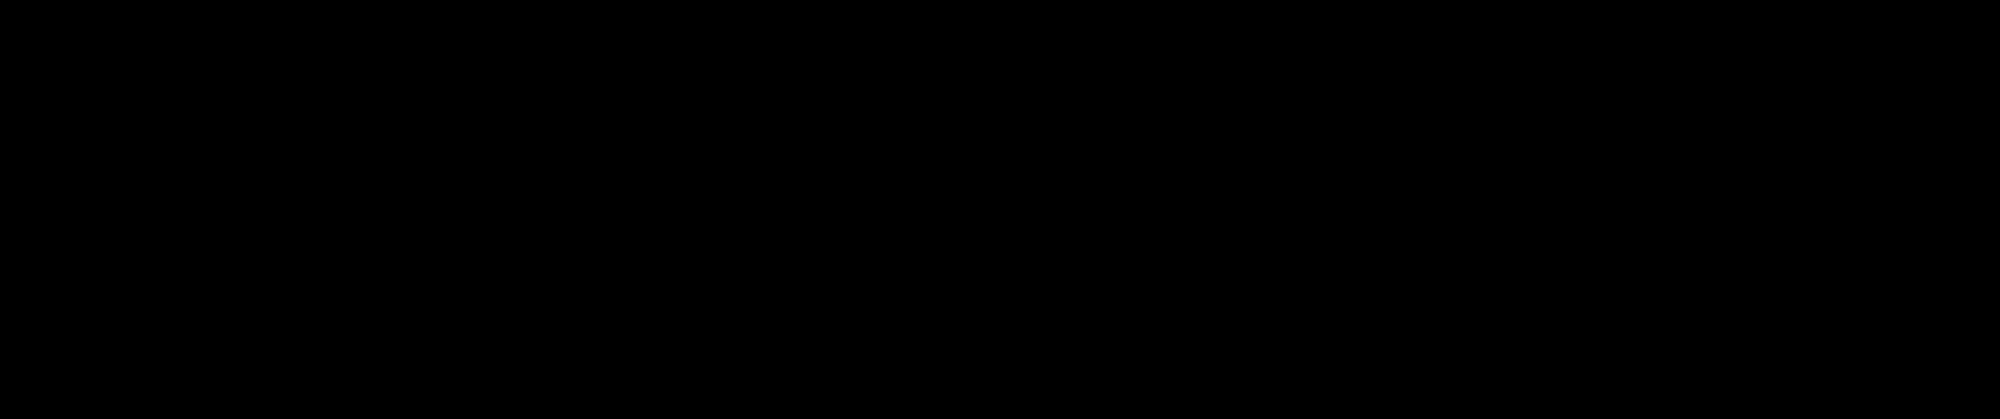 TDK|TDK의 로고 이미지